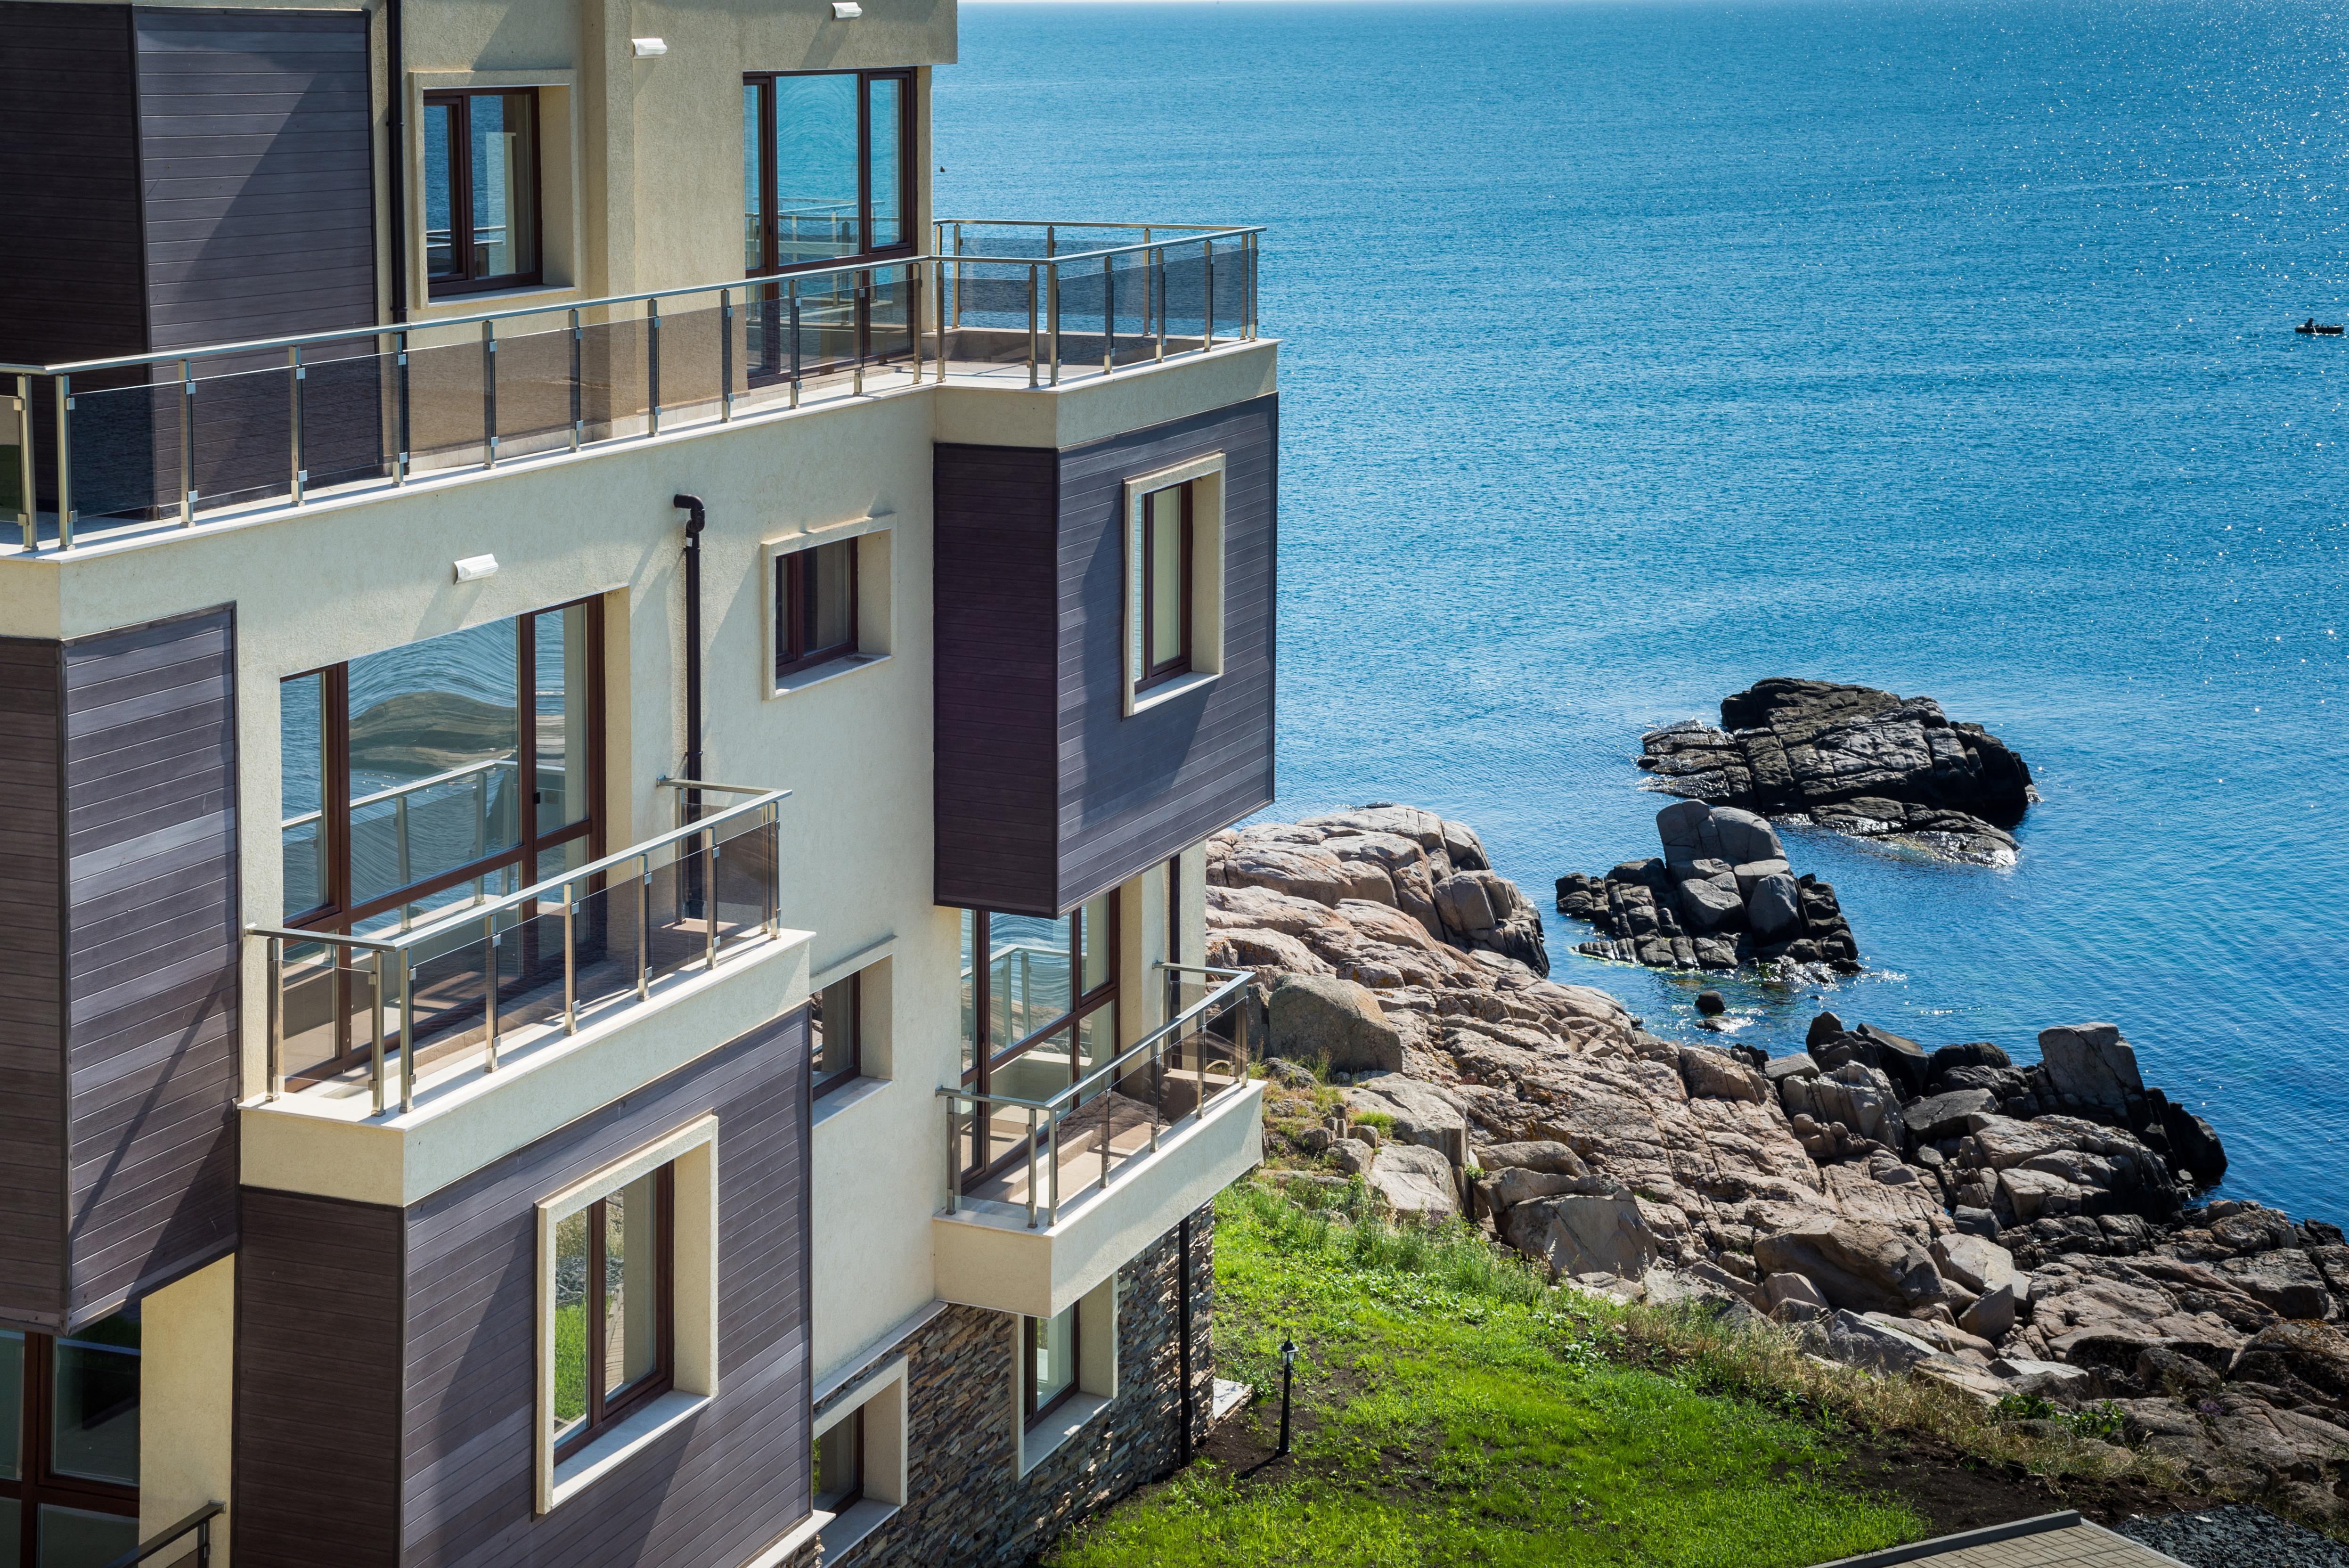 Дом возле моря в Болгарии, паспорт которой можно получить, купив недвижимость в стране